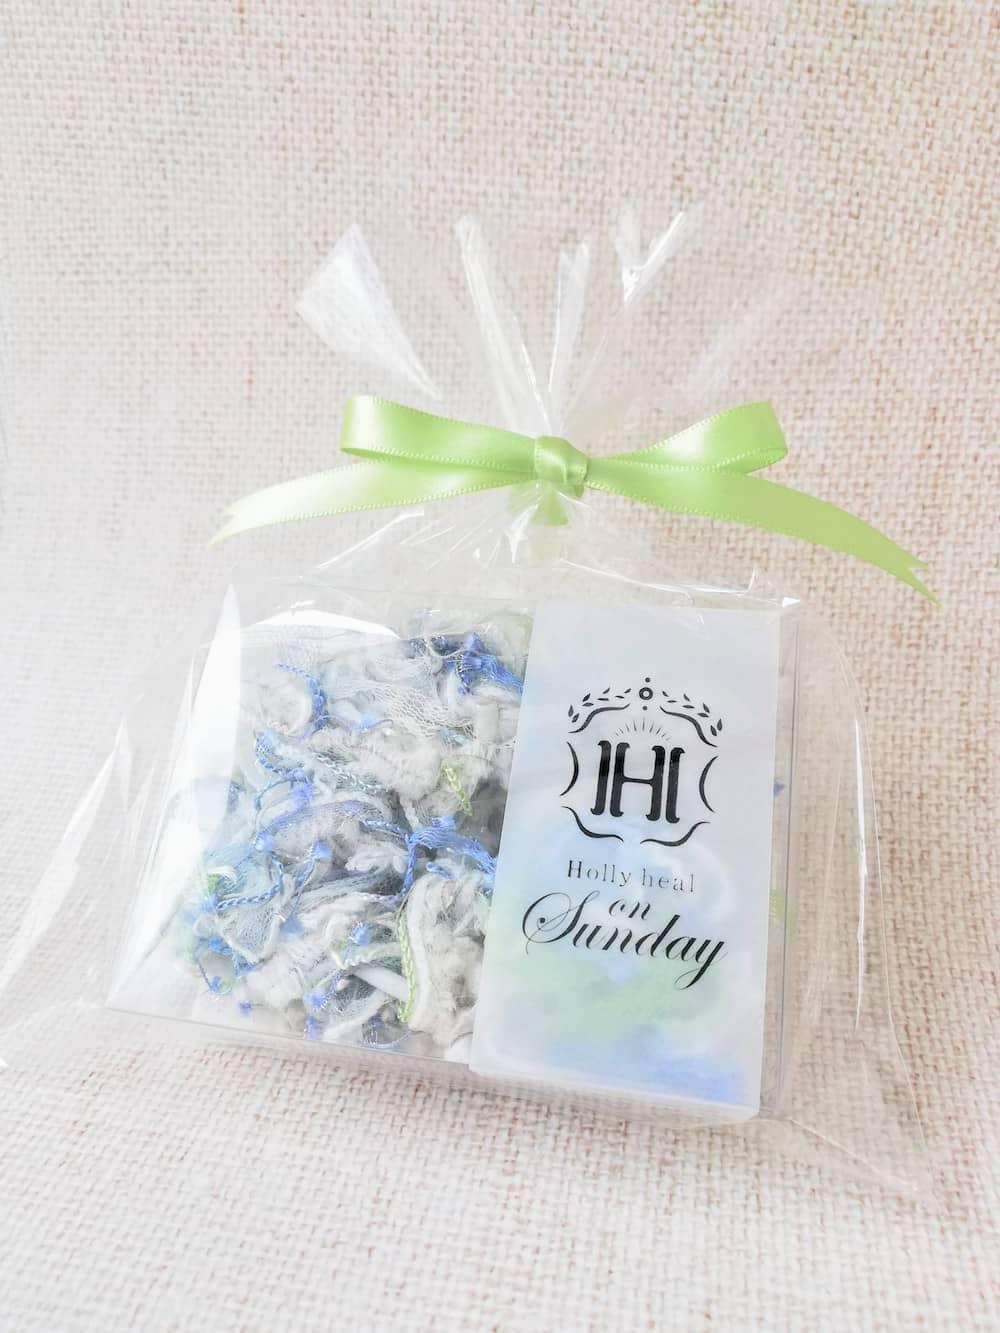 アミート・ブーケ(Amiito Bouquet)忘れかけていた情熱 by Holly heal on Sunday